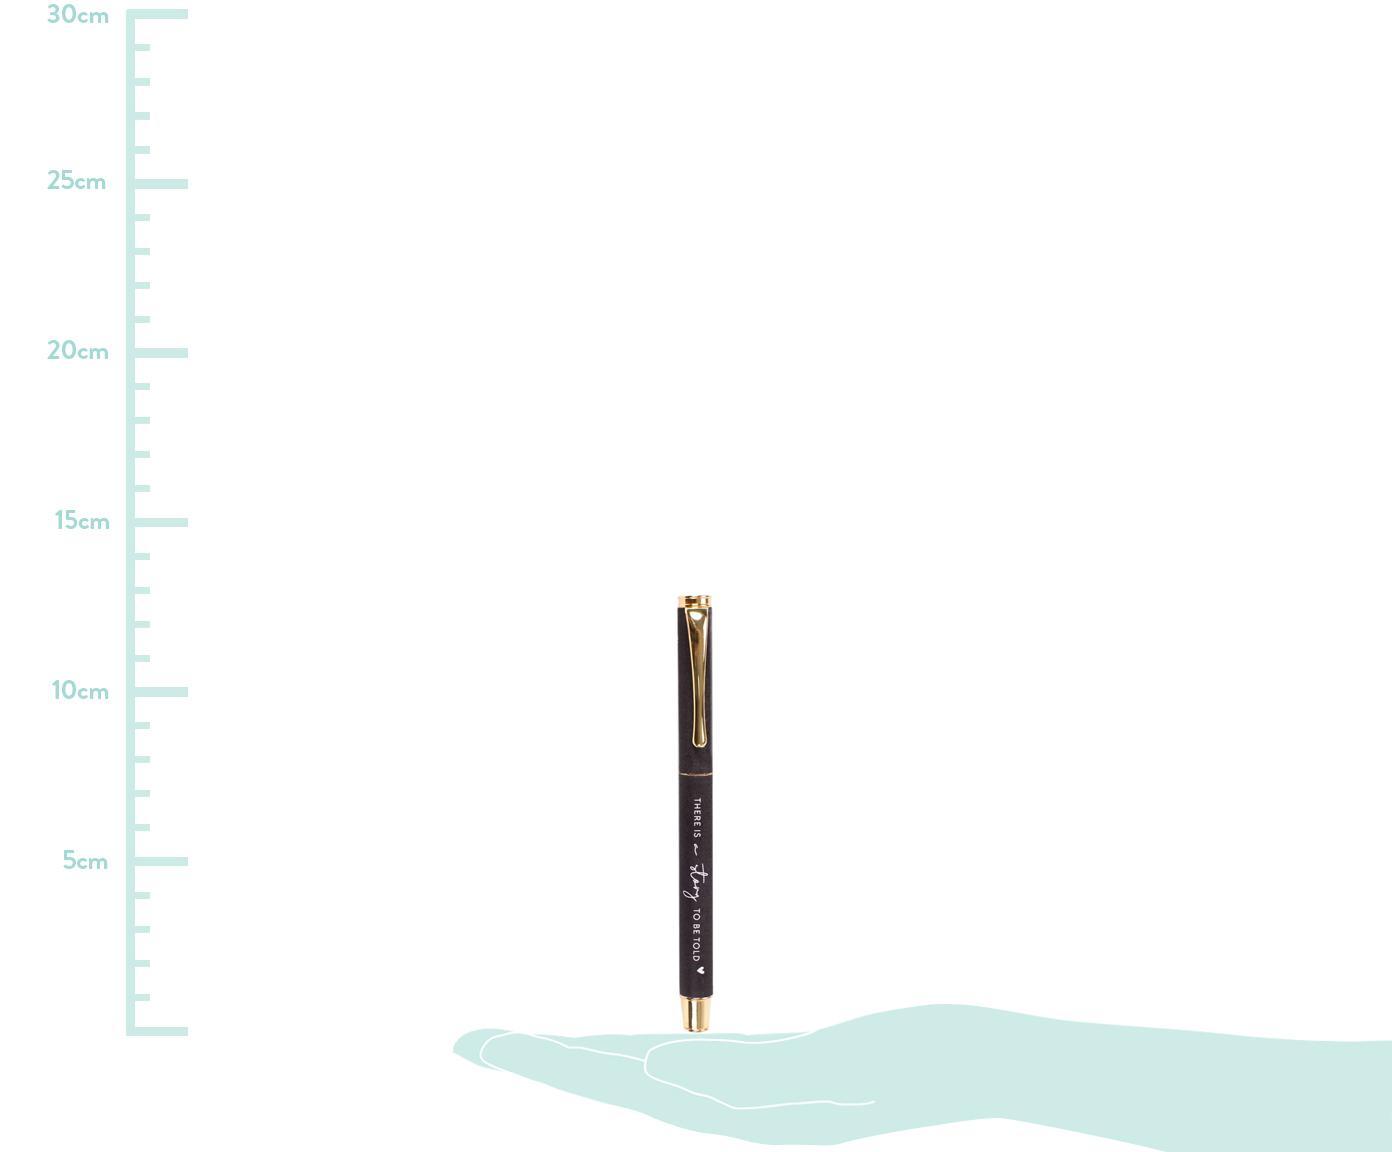 Füllhalter Story, Metall, lackiert, Dunkelgrau, Messingfarben, L 13 cm